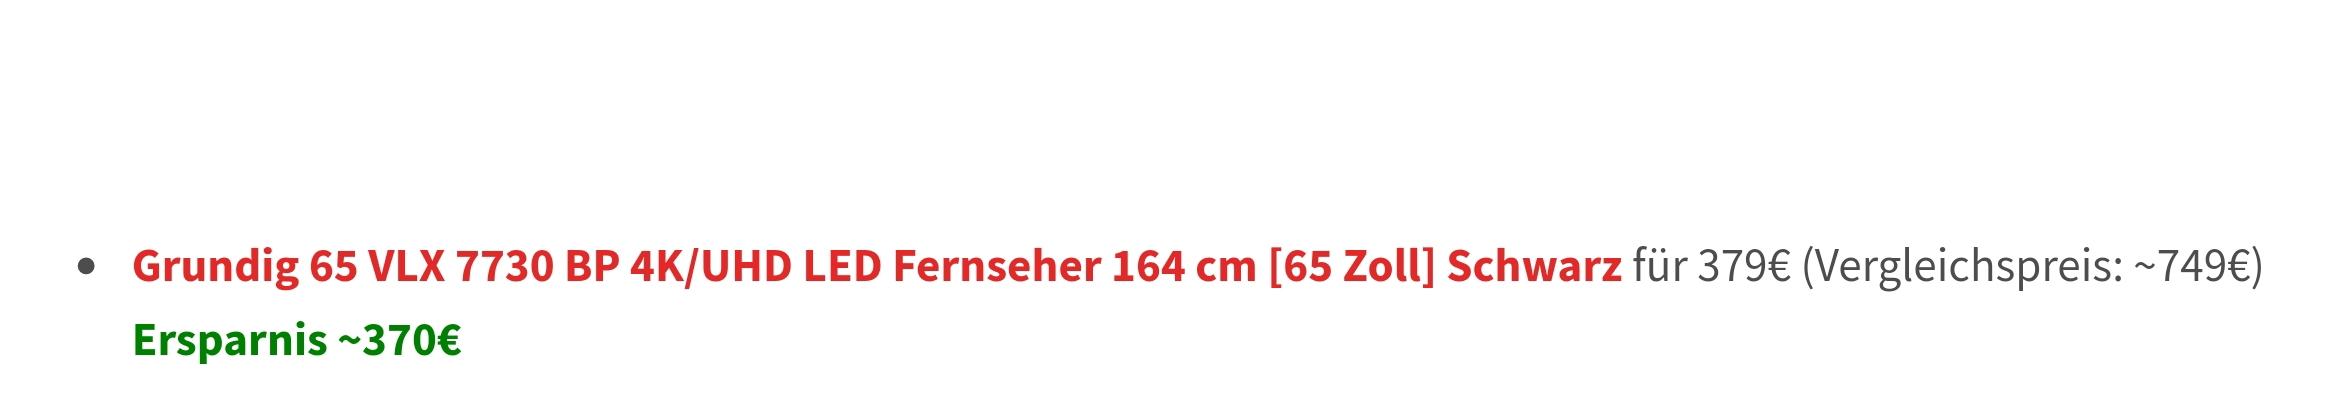 17801679-SvK8k.jpg